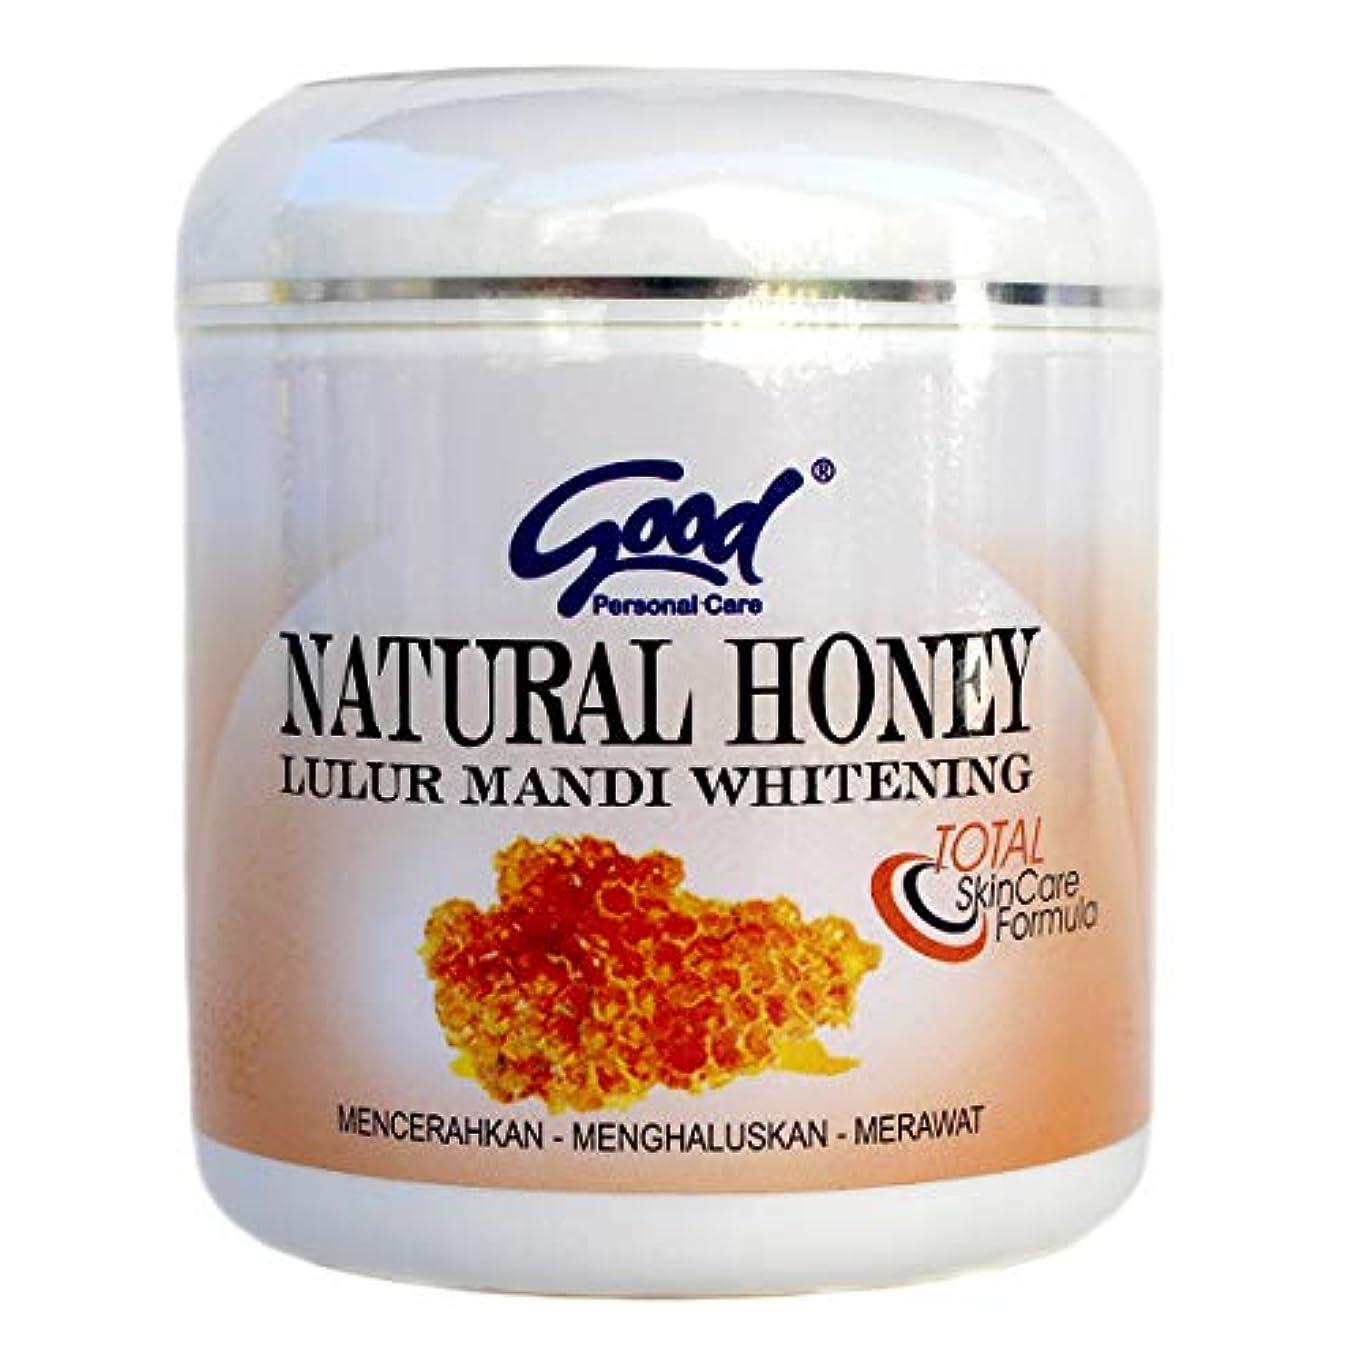 刃国民コンテンツgood グッド インドネシアバリ島の伝統的なボディスクラブ Lulur Mandi マンディルルール 200g Natural Honey ナチュラルハニー [海外直送品]